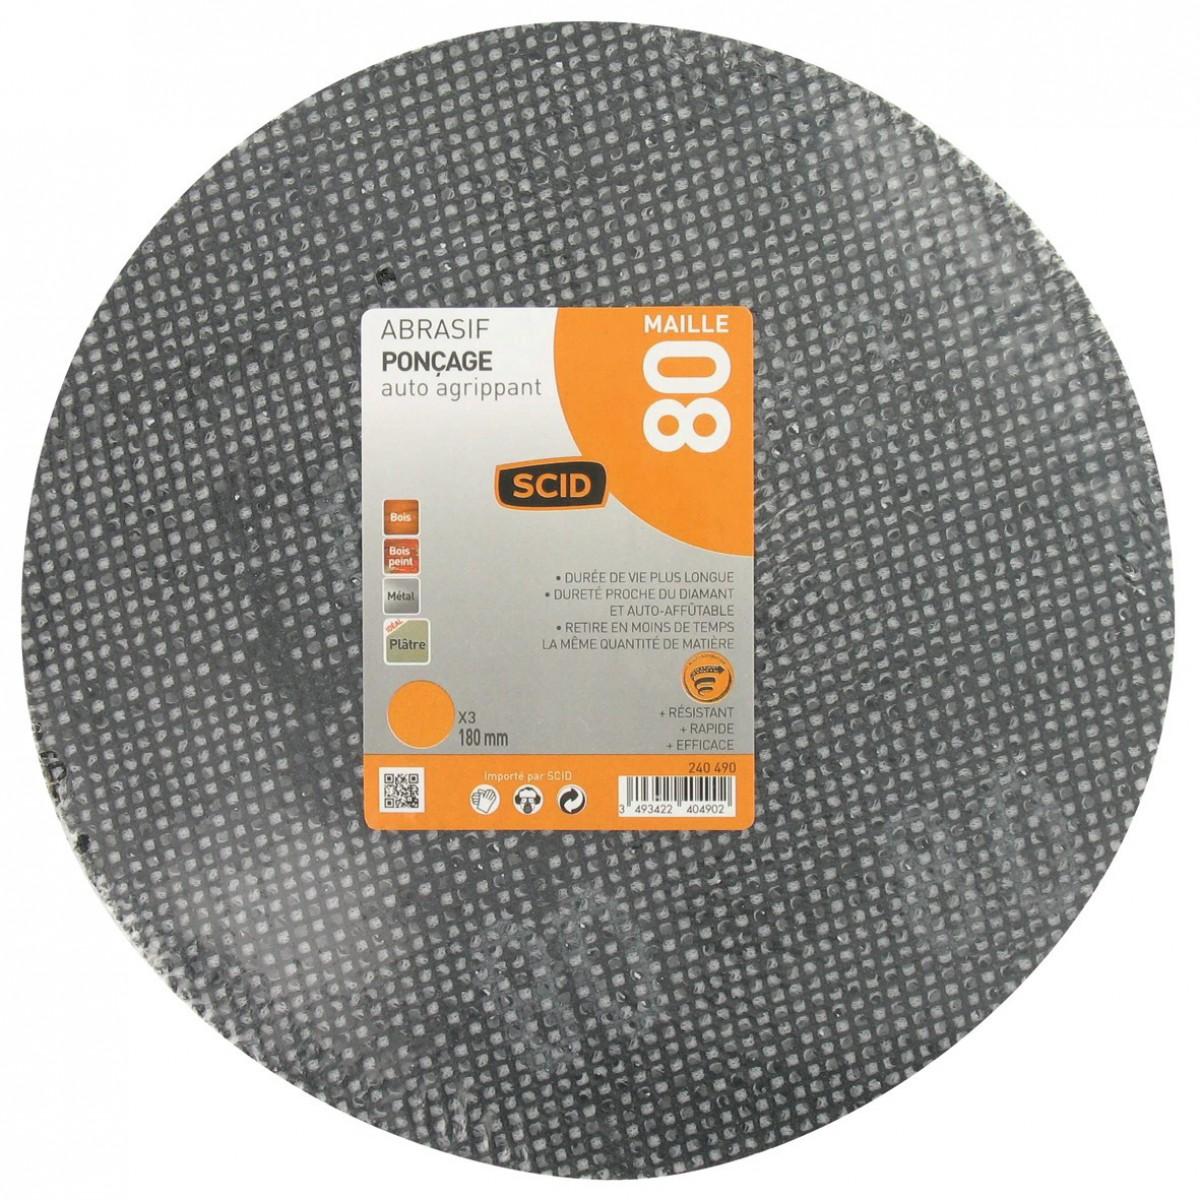 Disque maille auto-agrippant diamètre 180 mm SCID - Grain 80 - Vendu par 3